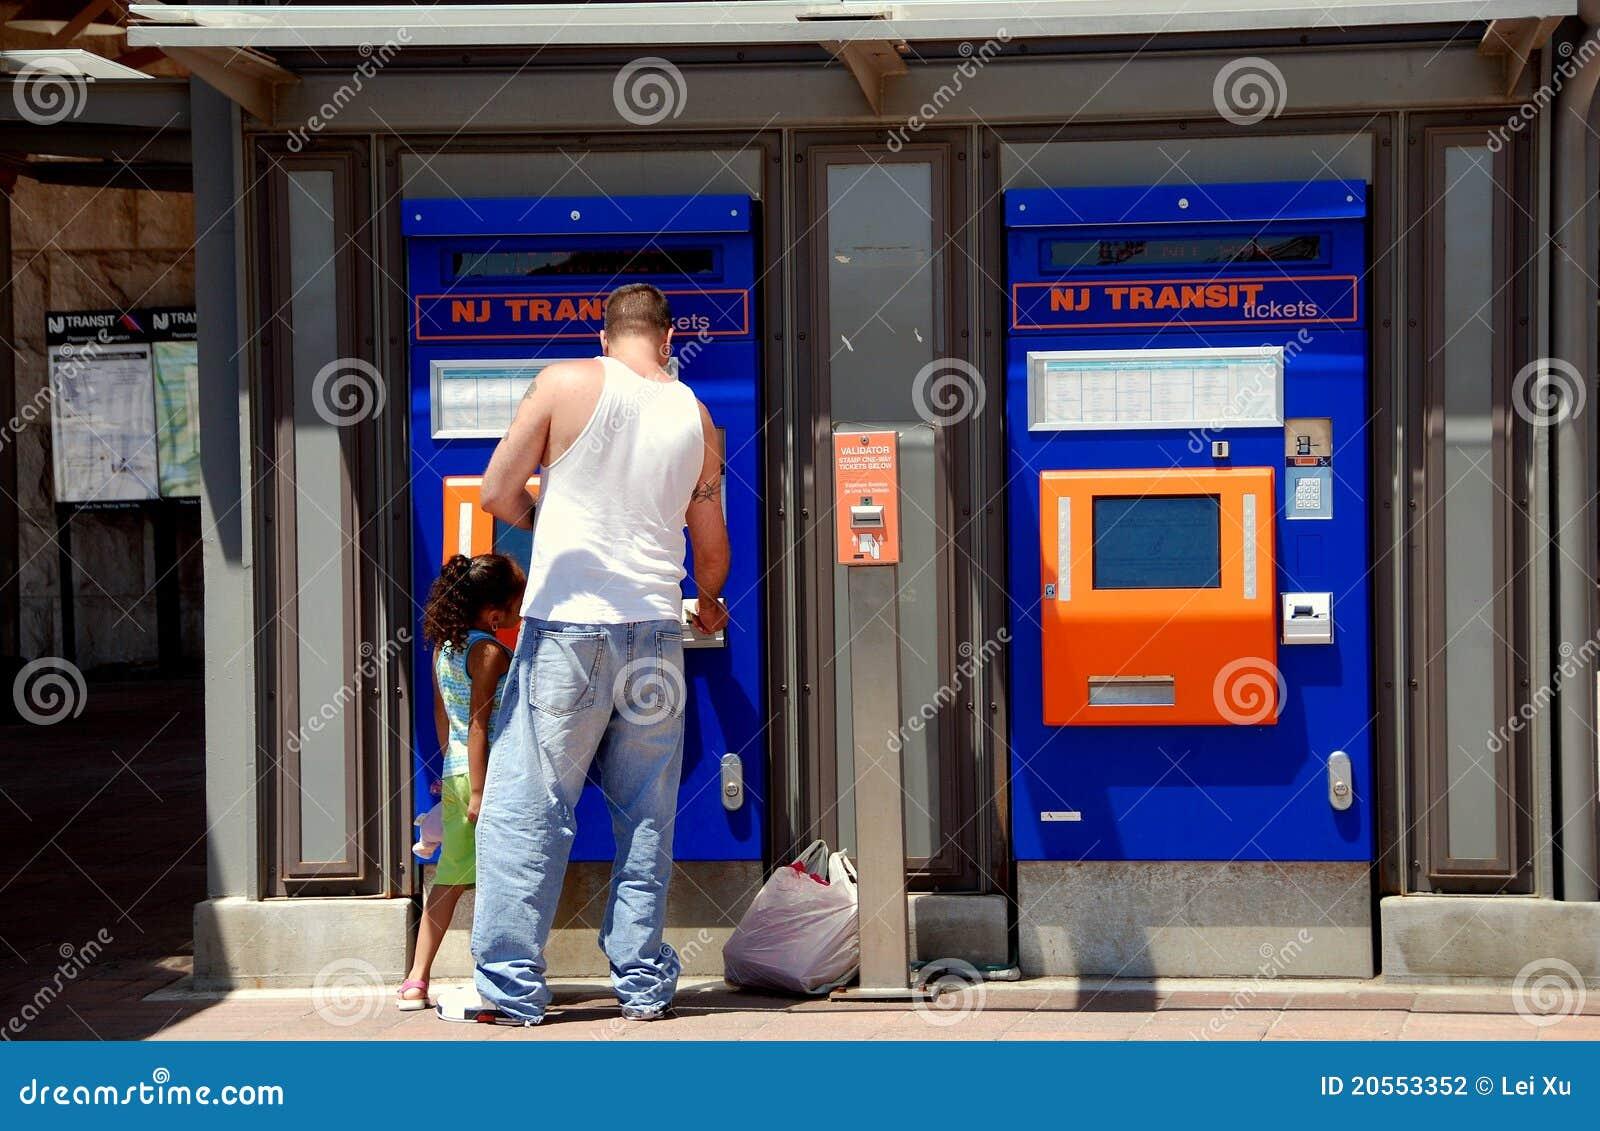 Newark Nj Nj Transit Ticketing Machines Editorial